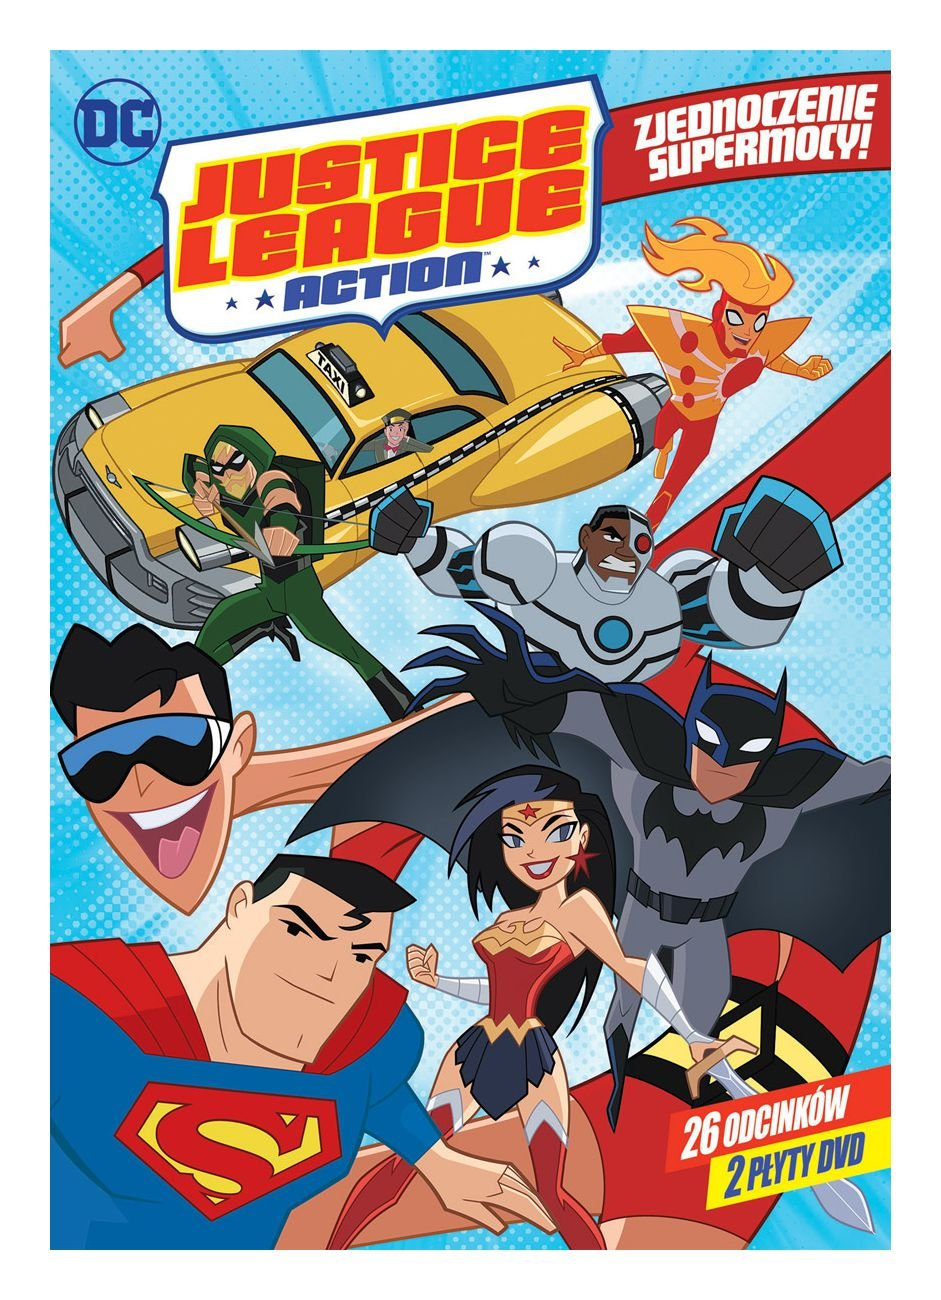 DC Justice League Action Season 1 episodes 1-26 2DVD IMPORT ...